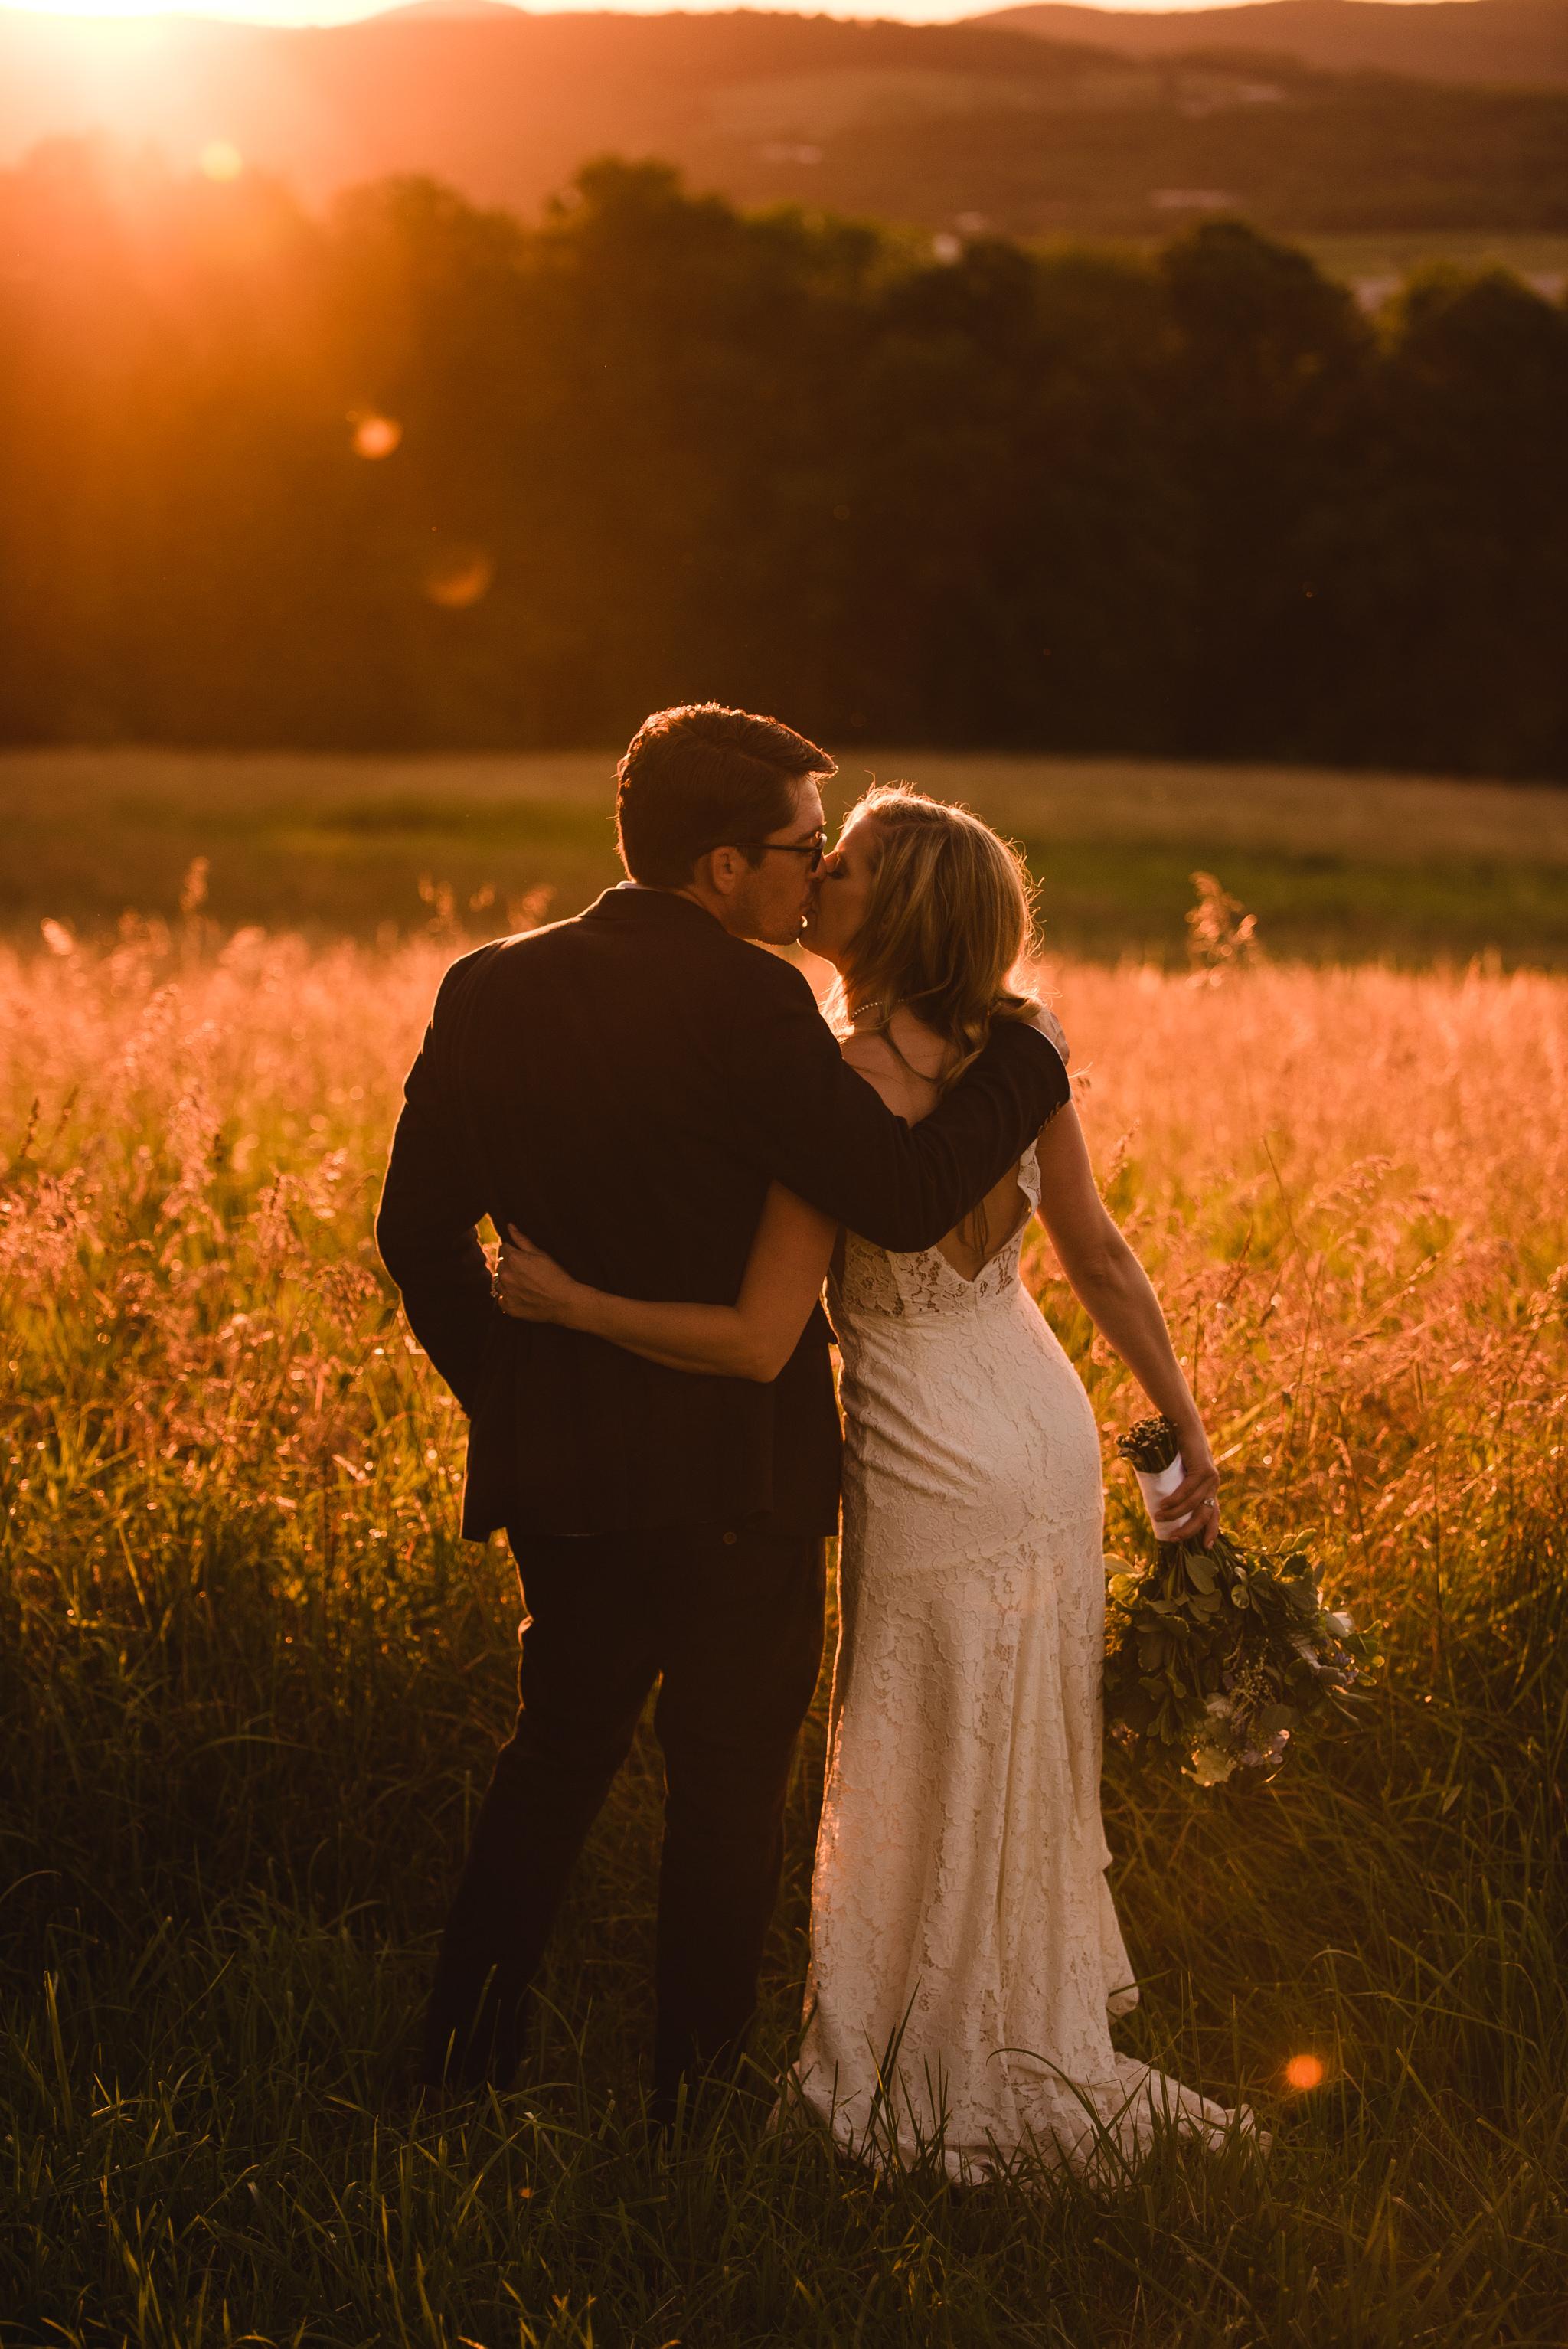 LINDSAY_WEDDING_BORN_TO_RUN_FARM_3689.jpg